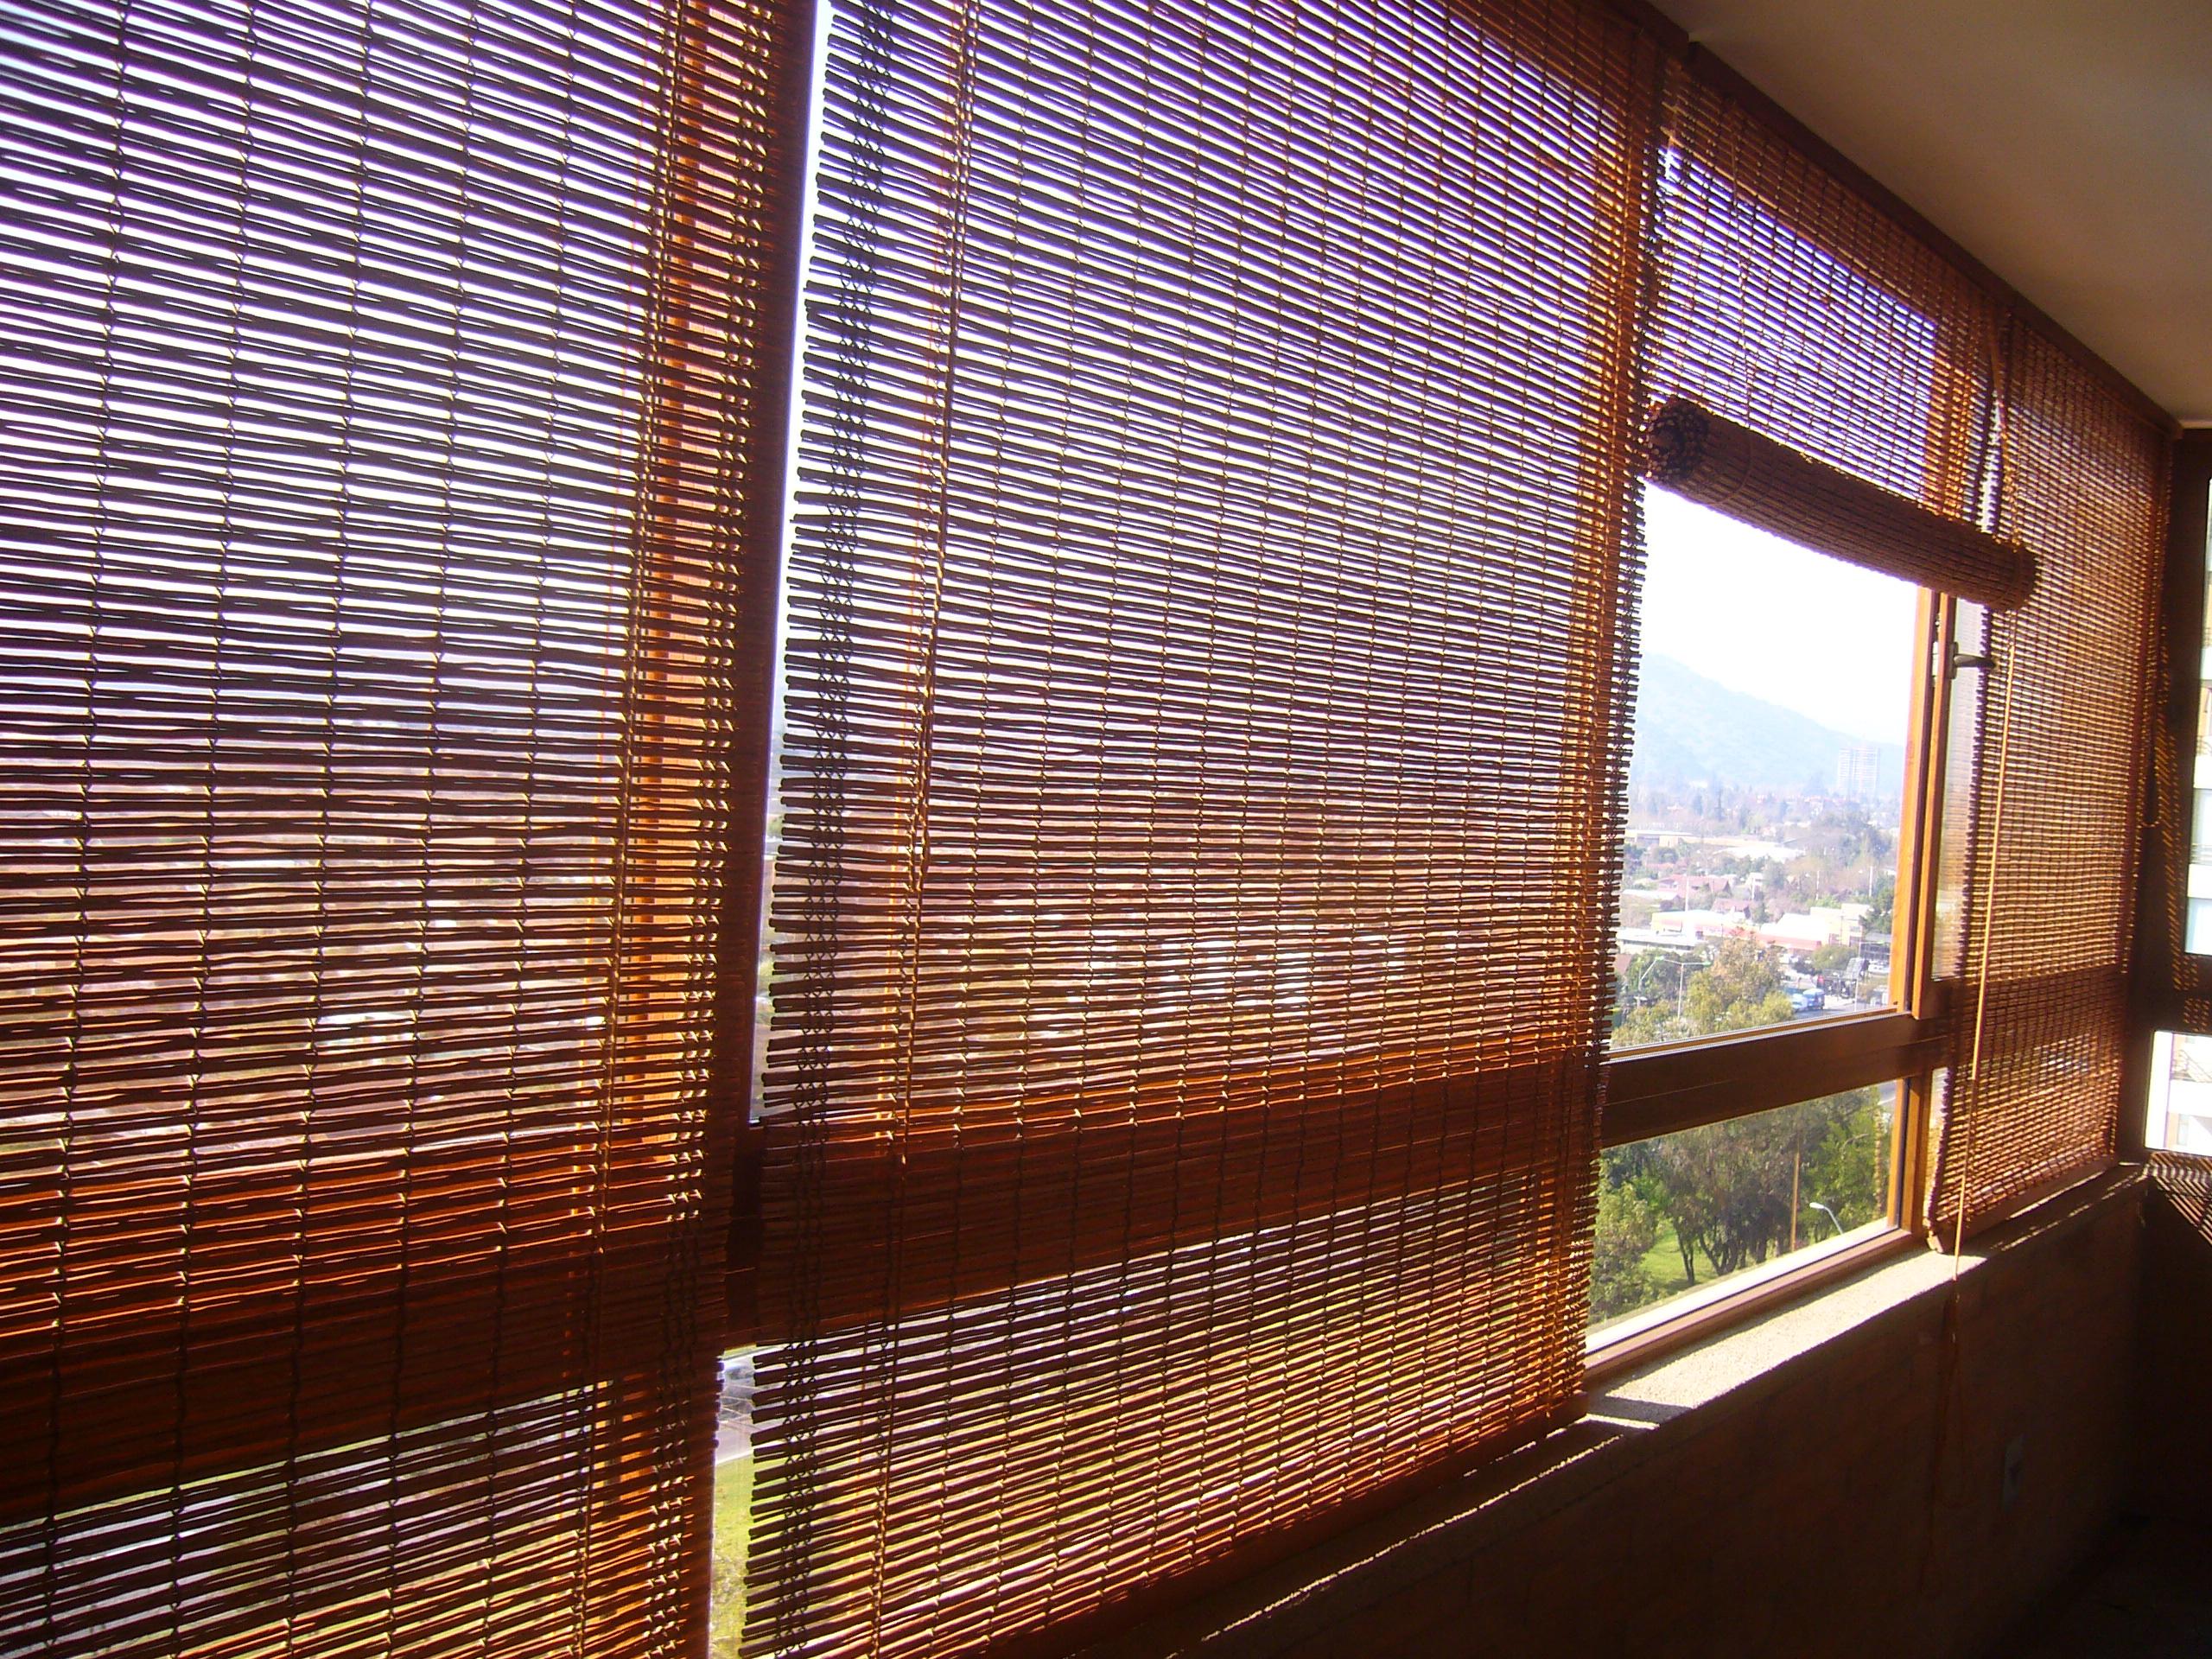 cortina de mimbre doble con hilo delgado